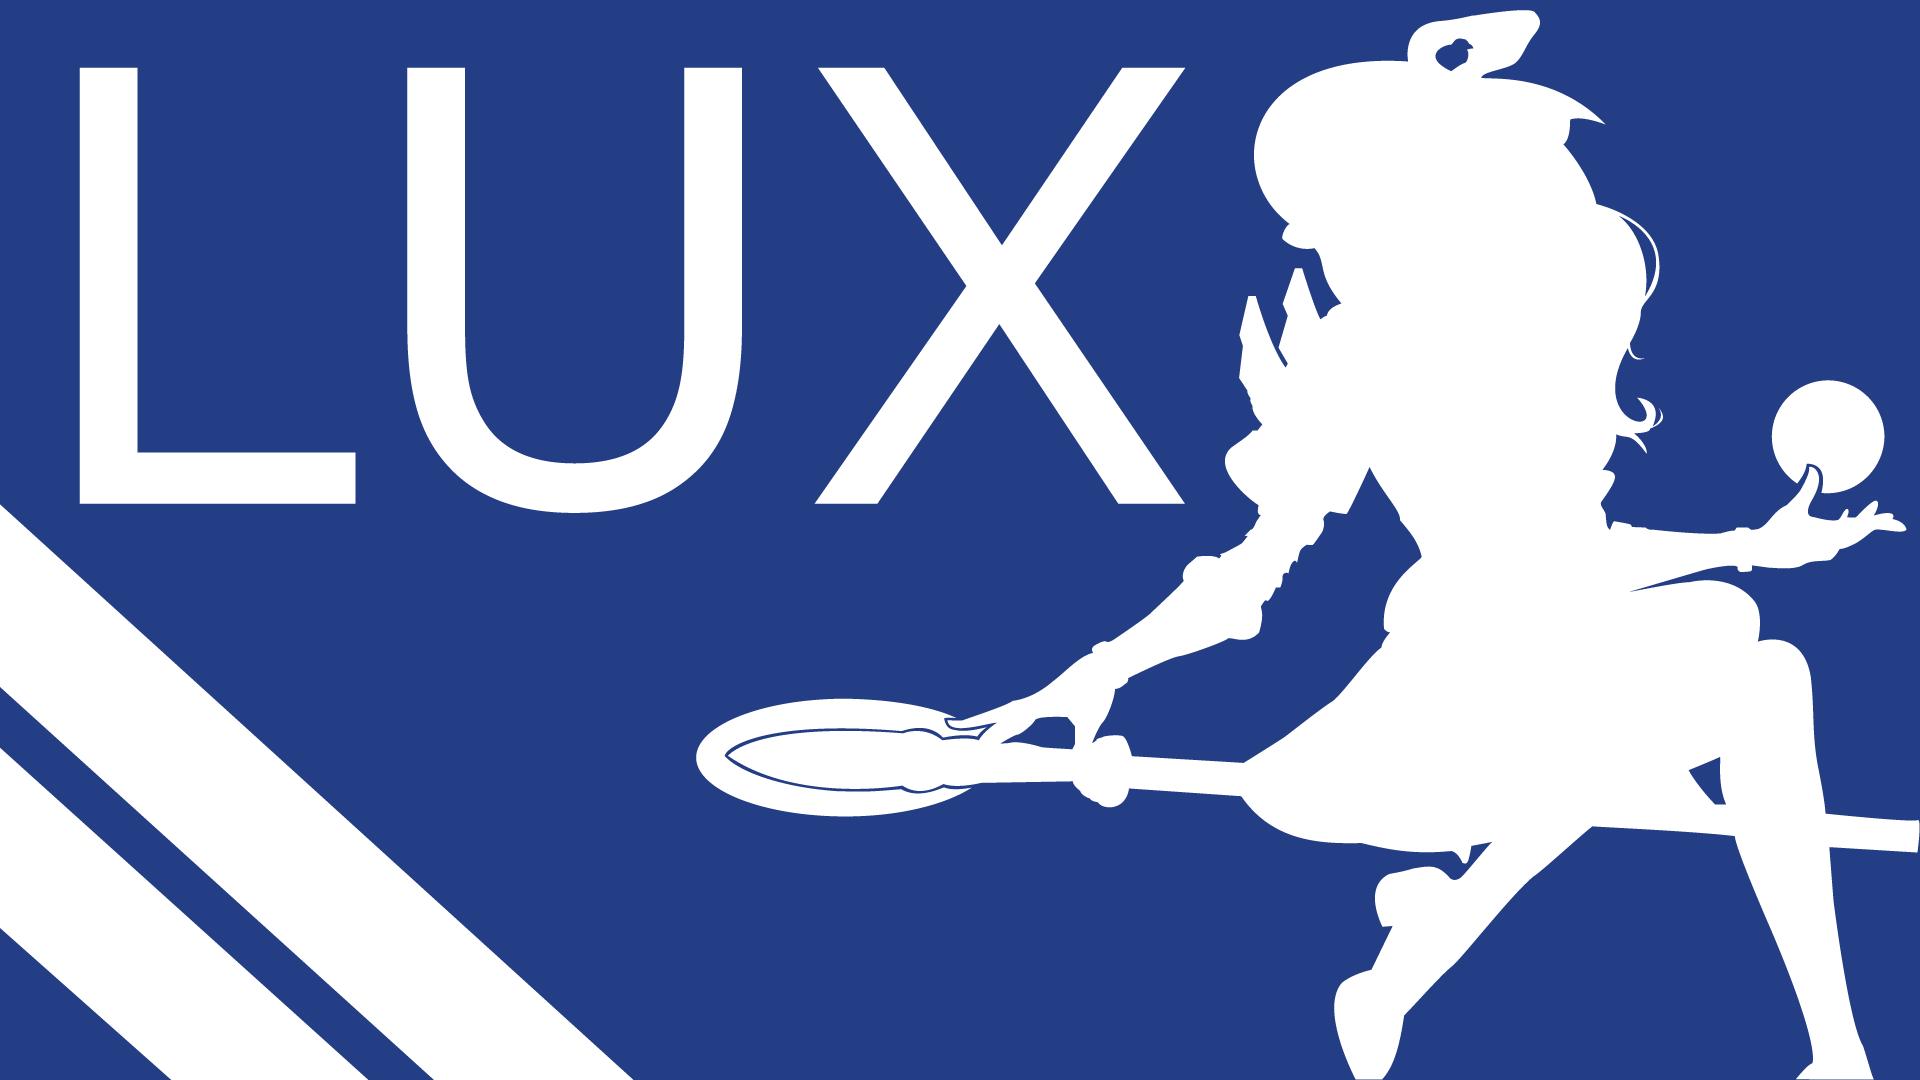 LUX Silhouette - Dark Blue - White - 1920x1080 by urban287